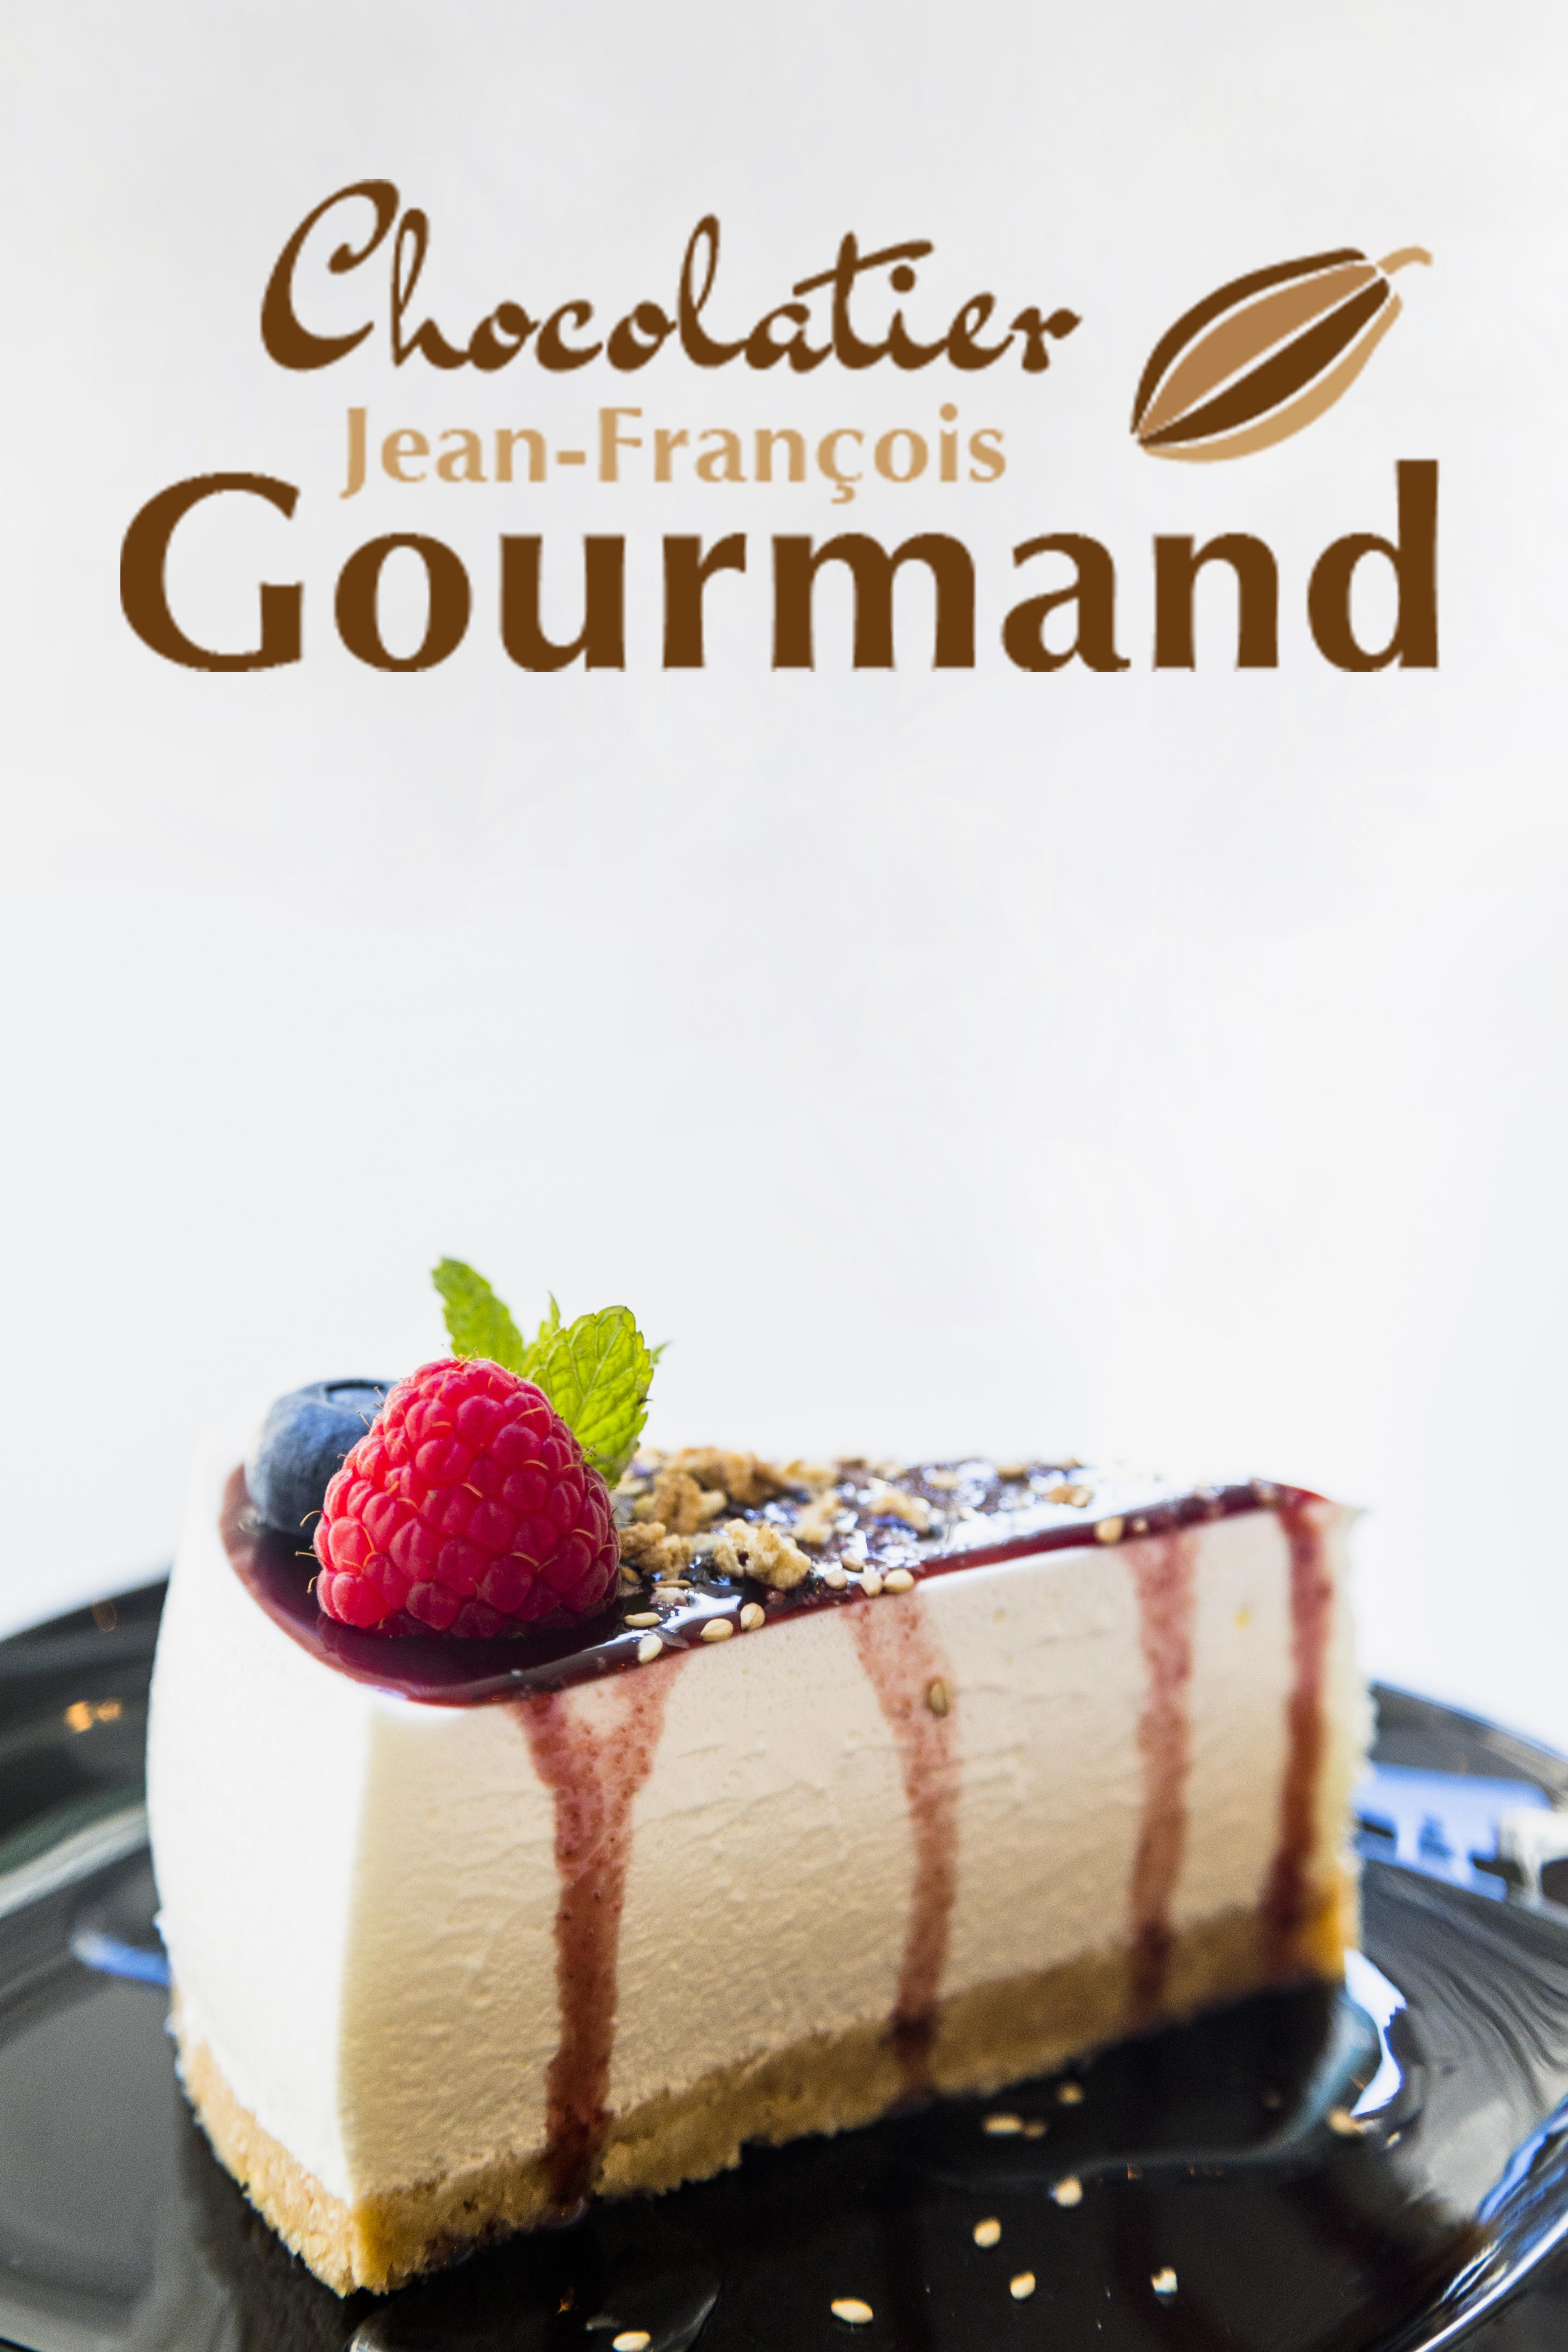 Création du logo pour le chocolatier Jean-François Gourmand. Les couleurs et la cabosse représente le chocolat. Une typo gourmande et une typo classe.